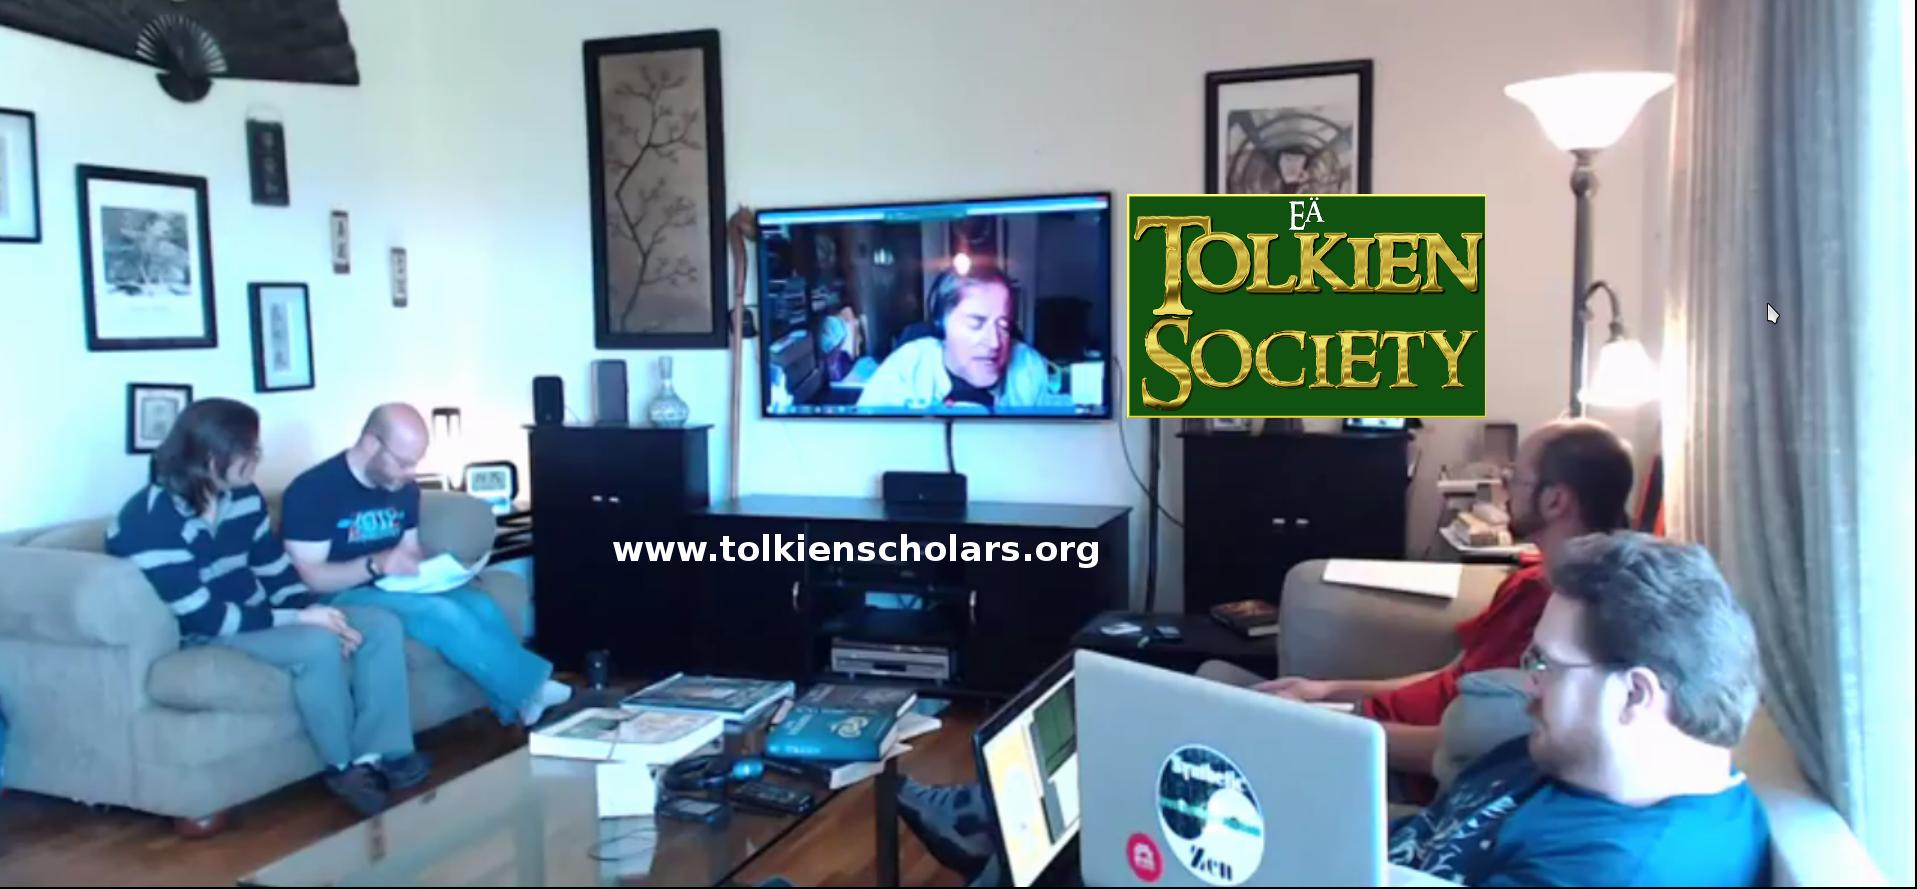 Eä Tolkien Society Meeting Notes June 2016